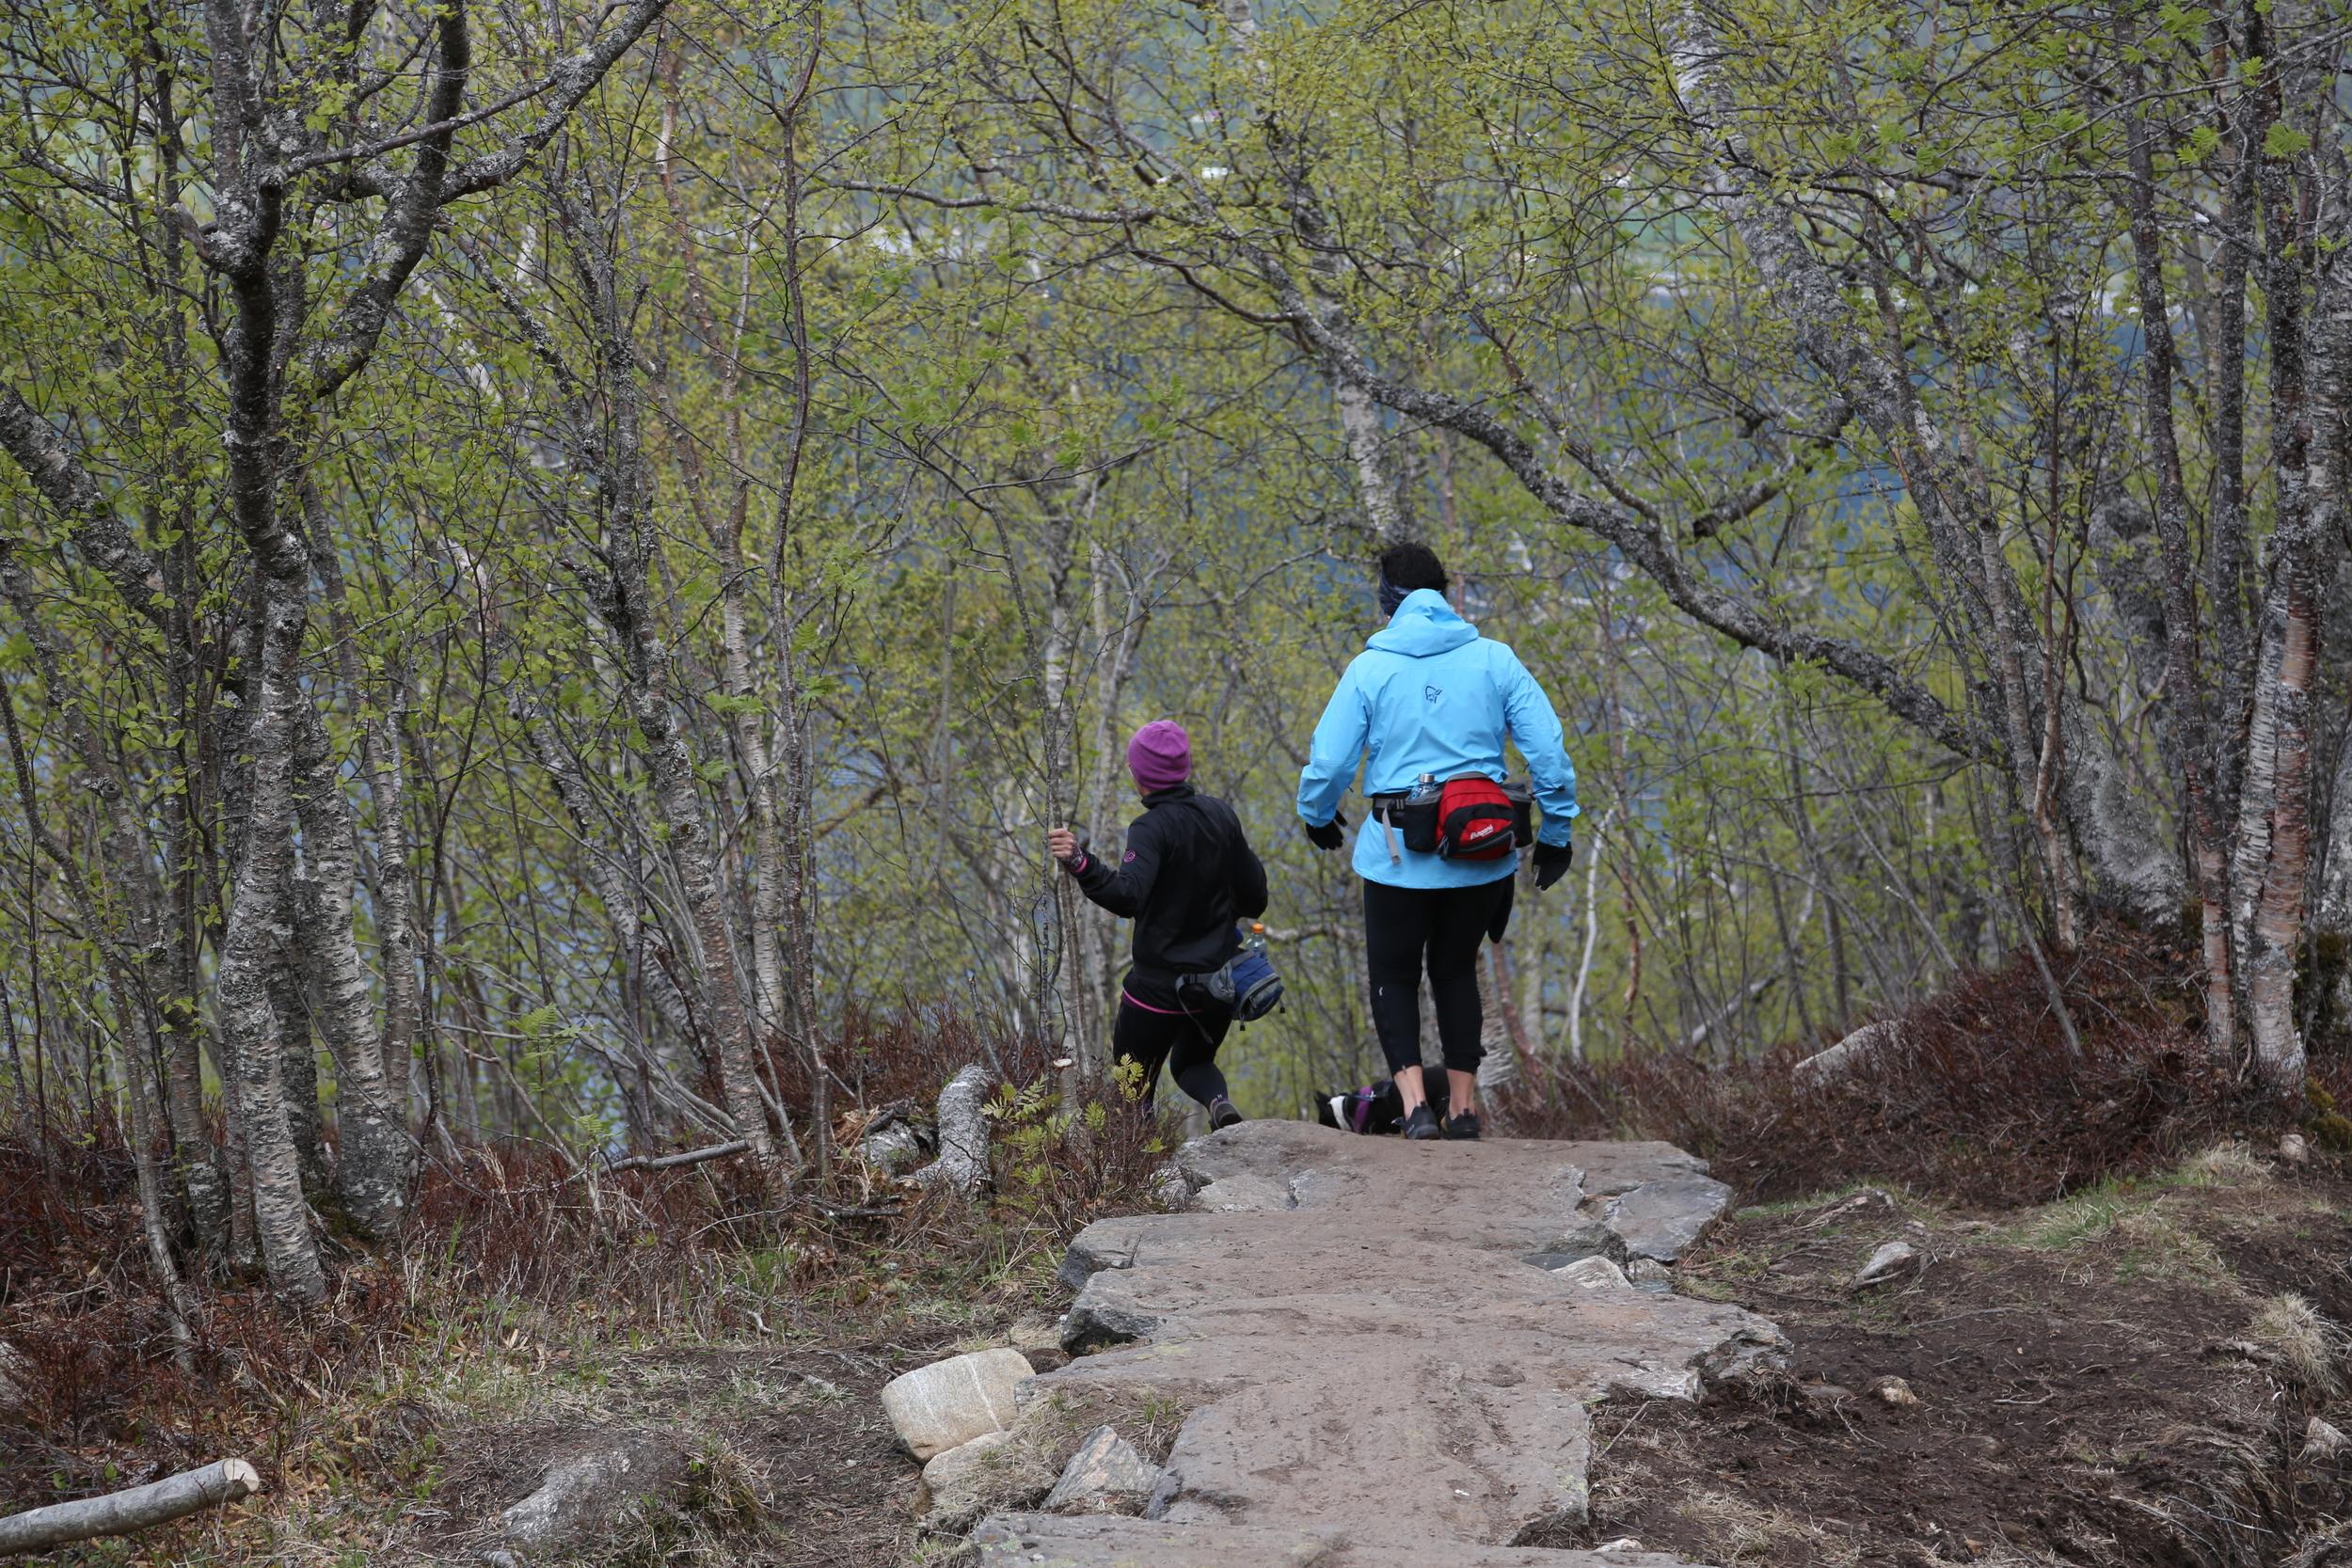 På vei rett inn i skogen og vekk fra utsikten. Foto: Odd Roar Lange